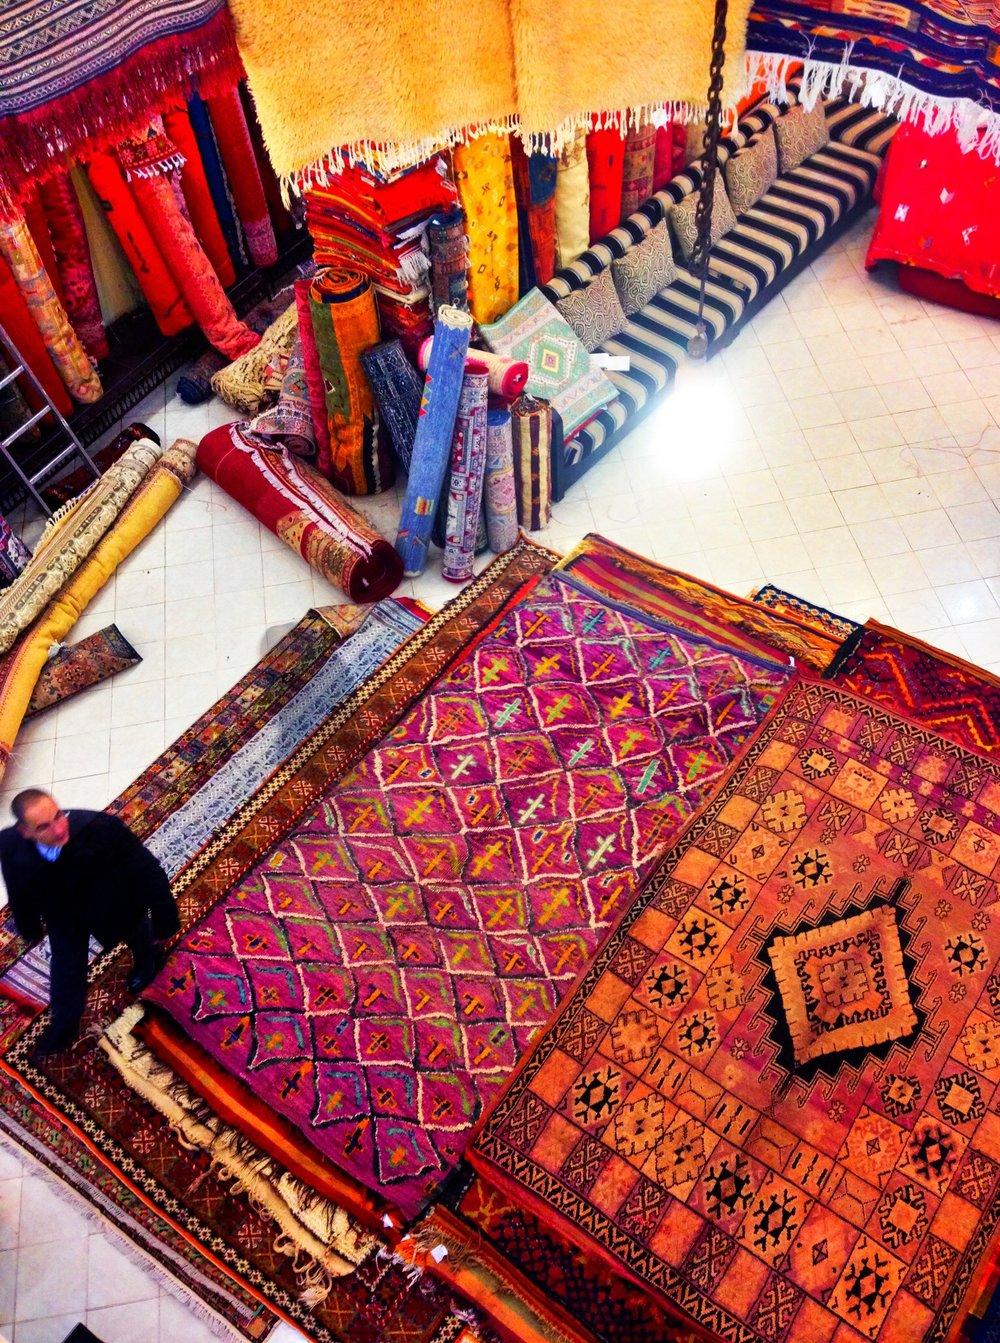 Rug shopping in Marrakesh, Morocco